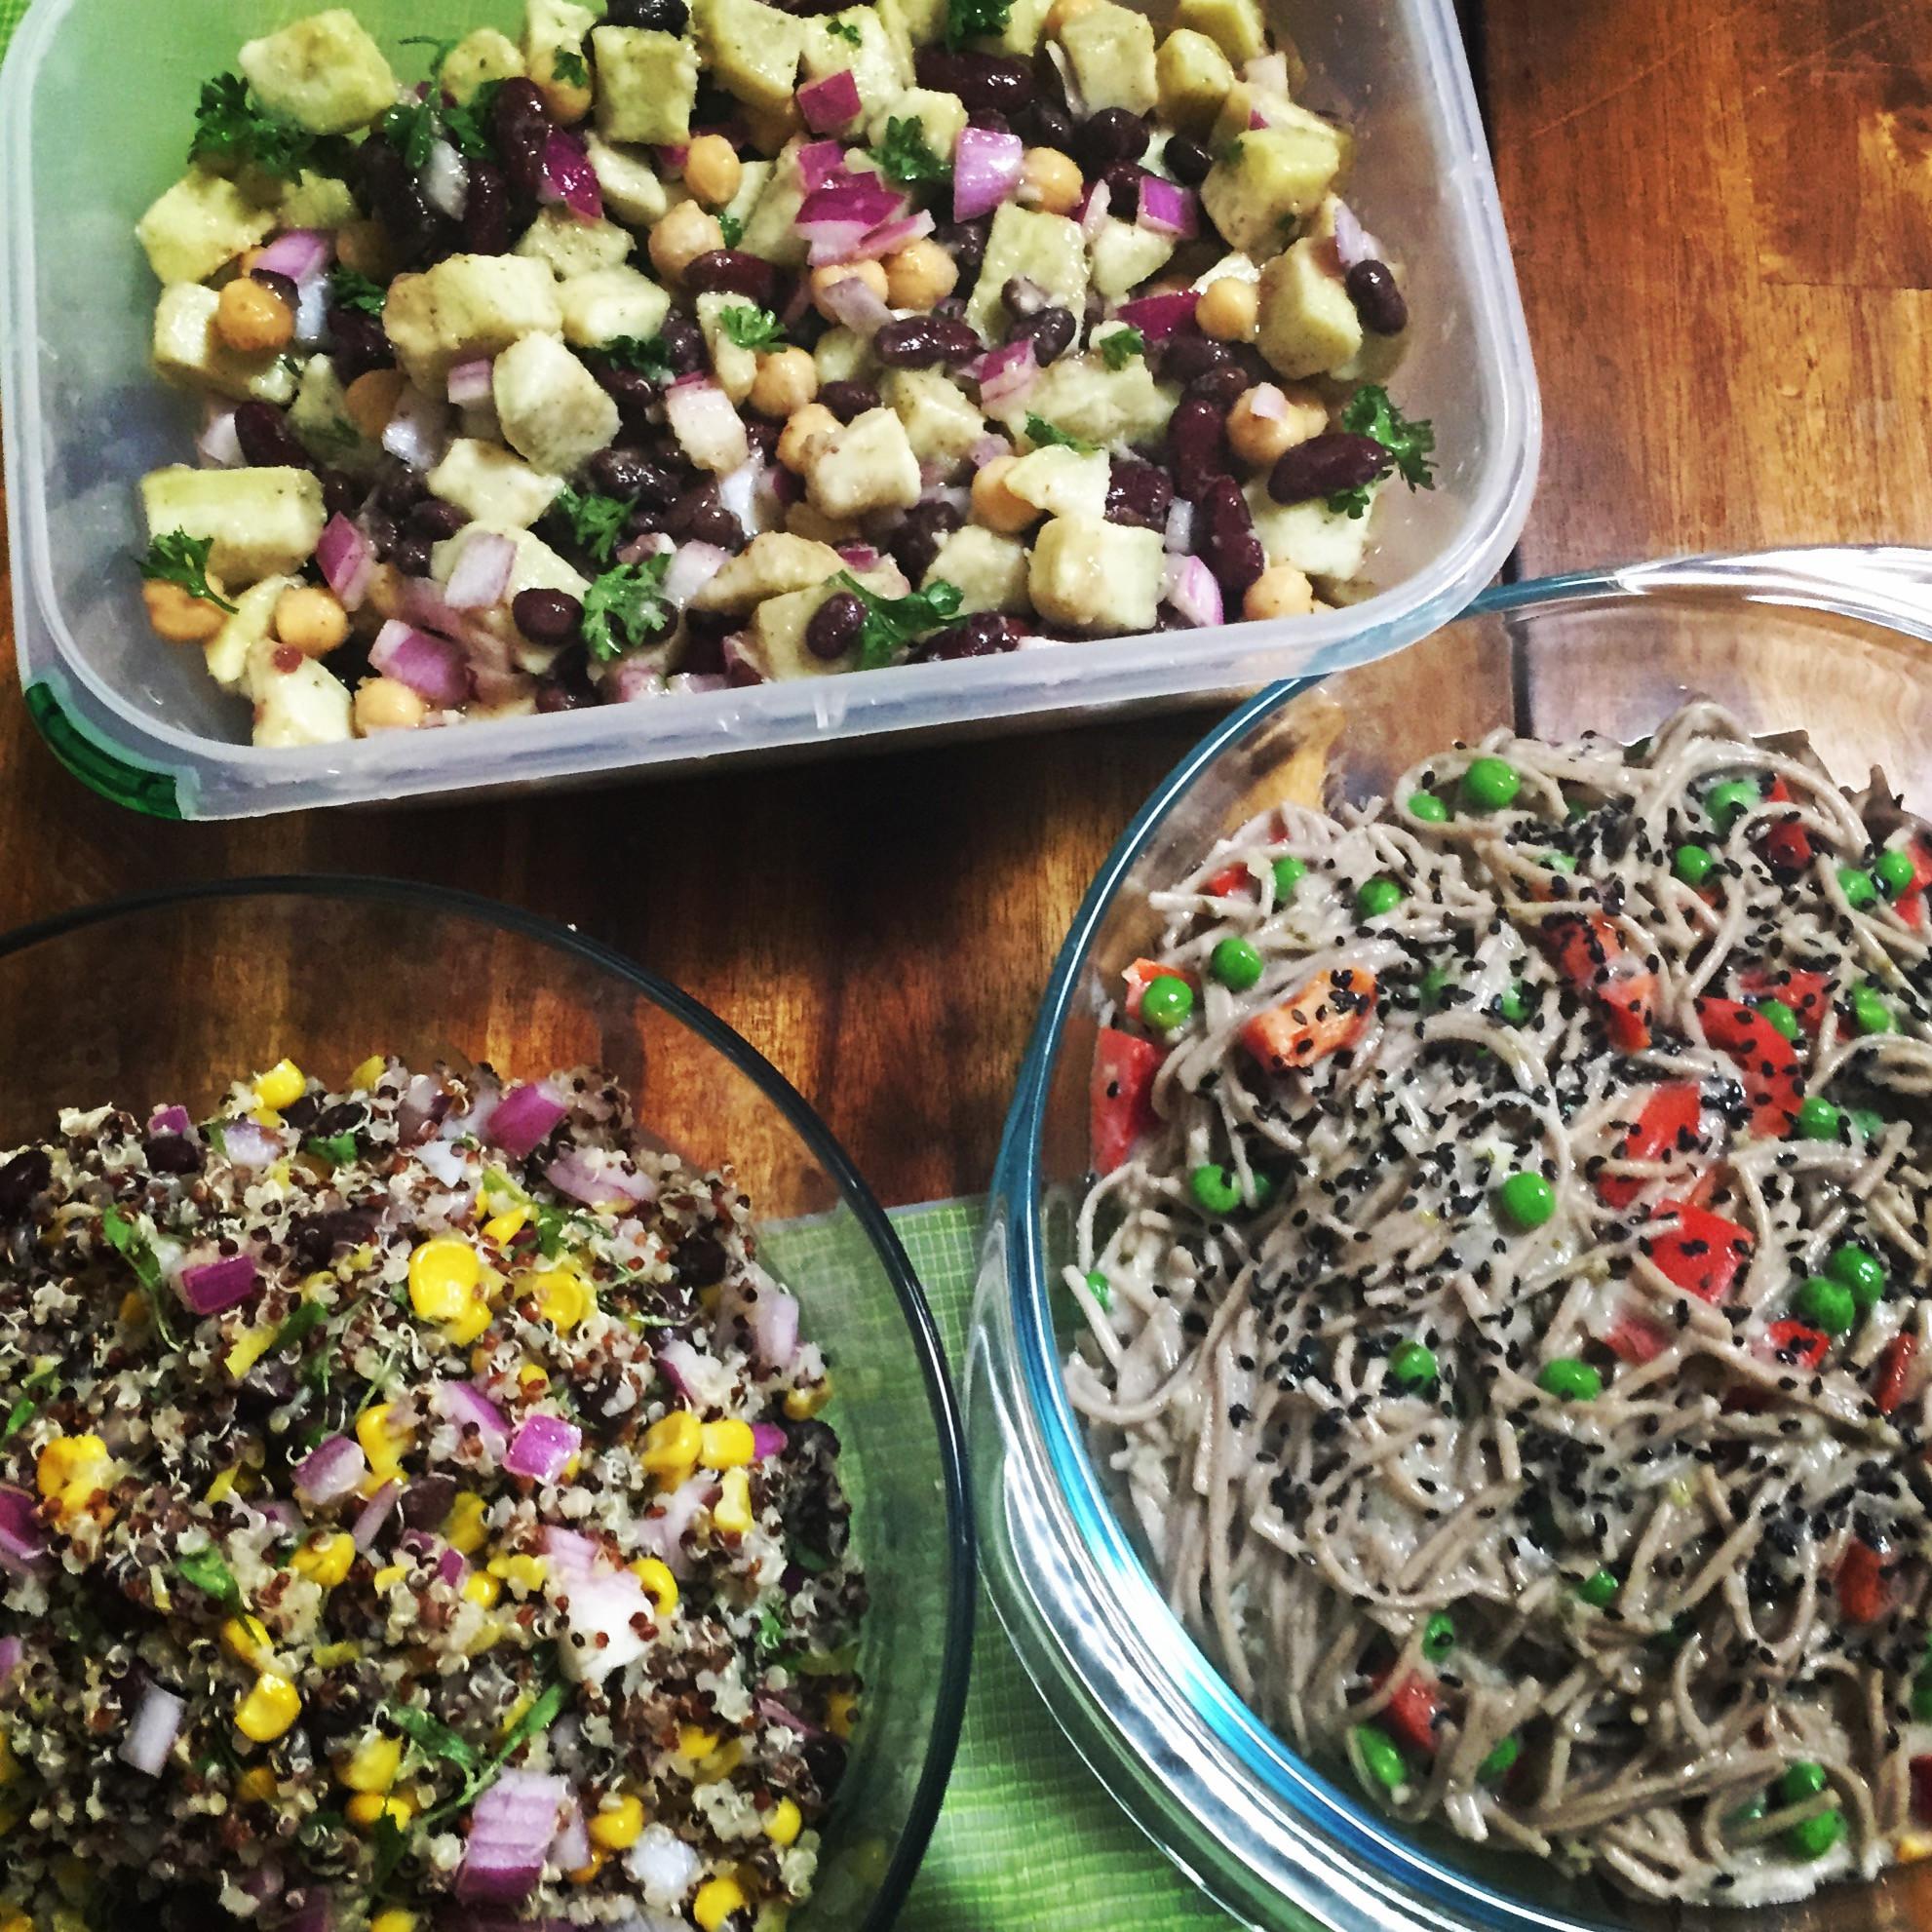 Summer Vegan Recipes  Summer Salad Recipes Vegan & Gluten Free